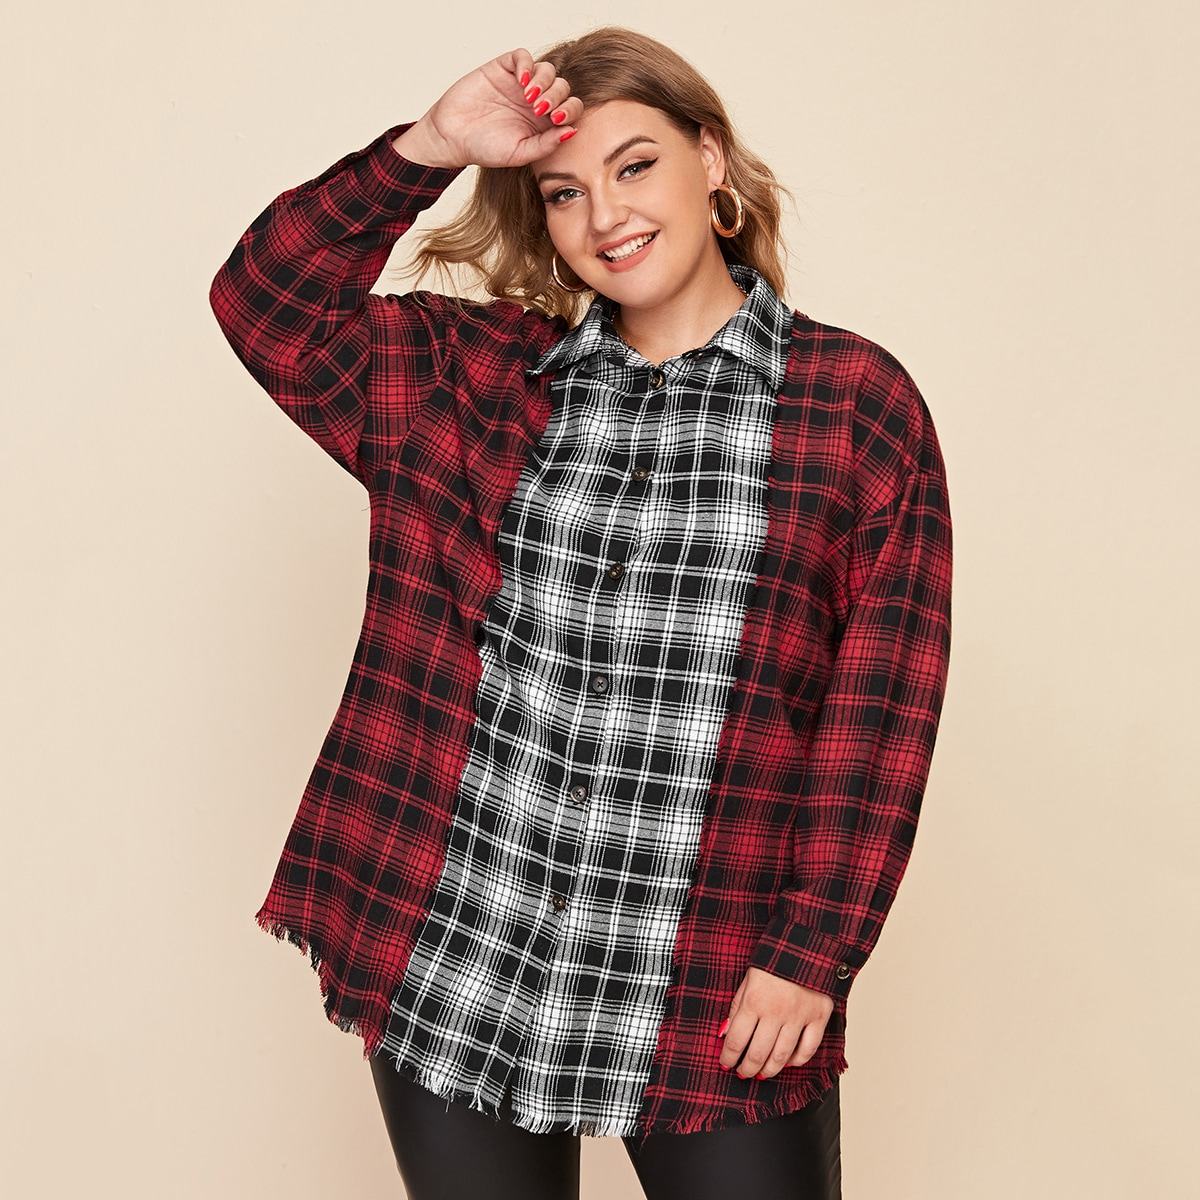 SHEIN / Bluse mit Karo Muster, ungesäumtem Saum und Knöpfen vorn